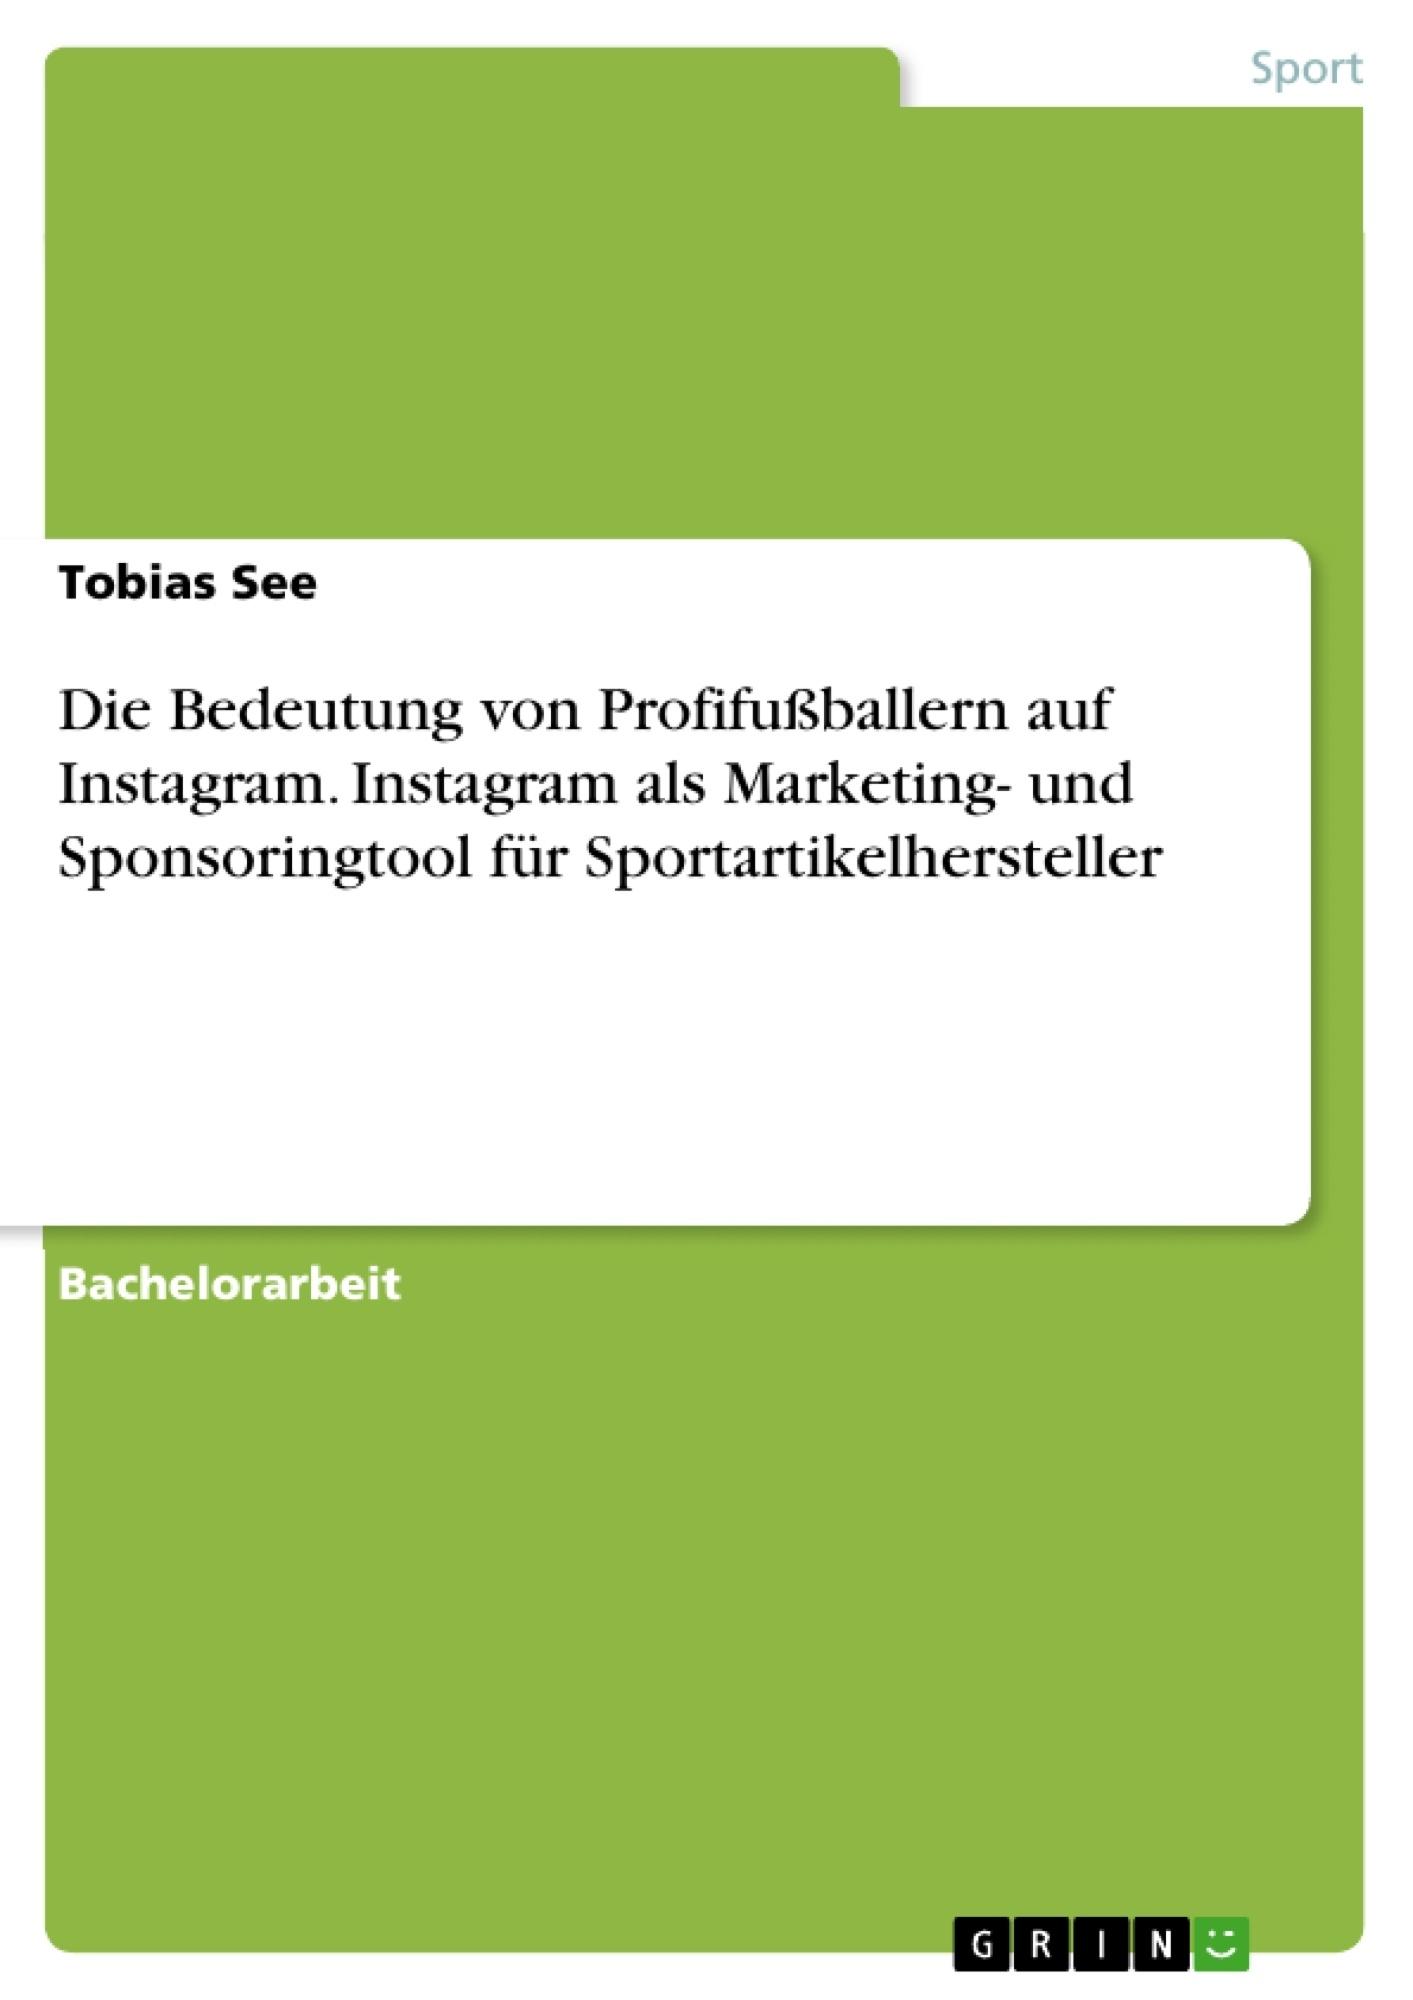 Titel: Die Bedeutung von Profifußballern auf Instagram. Instagram als Marketing- und Sponsoringtool für Sportartikelhersteller